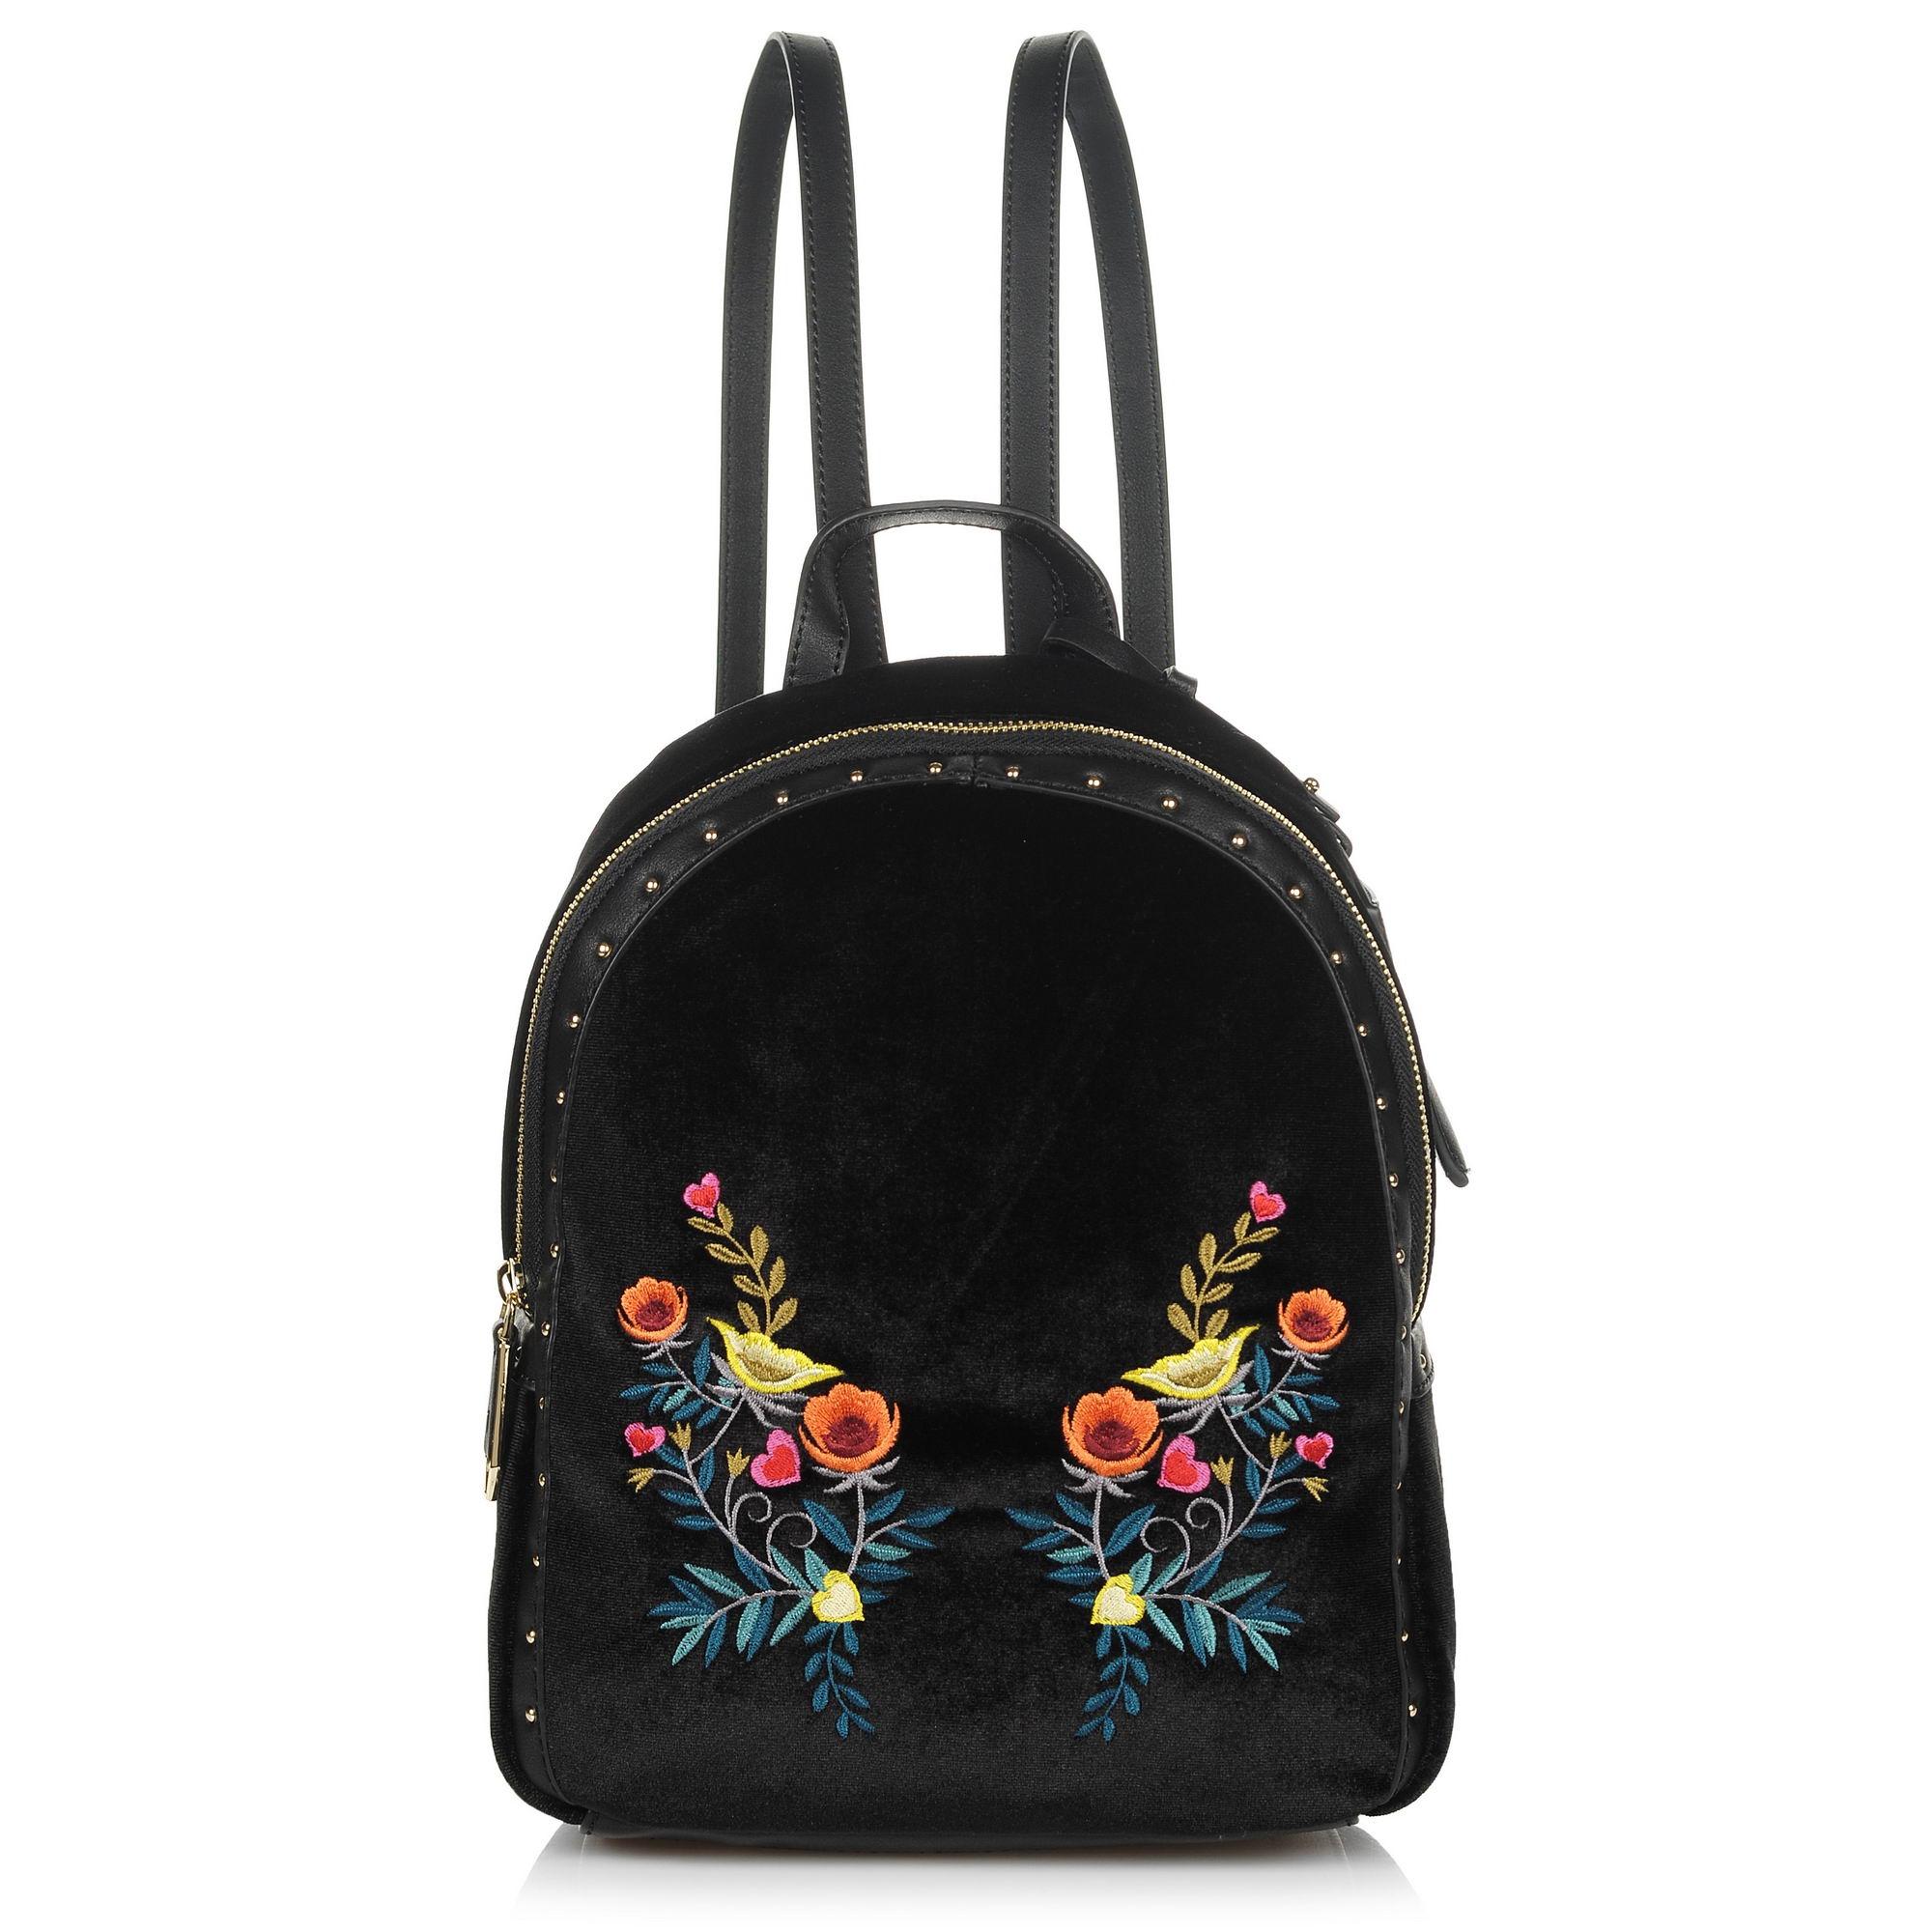 Σακίδιο Πλάτης Trussardi Jeans Portulaca Backpack Velvet/Embrpoidery 75B00539 γυναικα   γυναικεία τσάντα